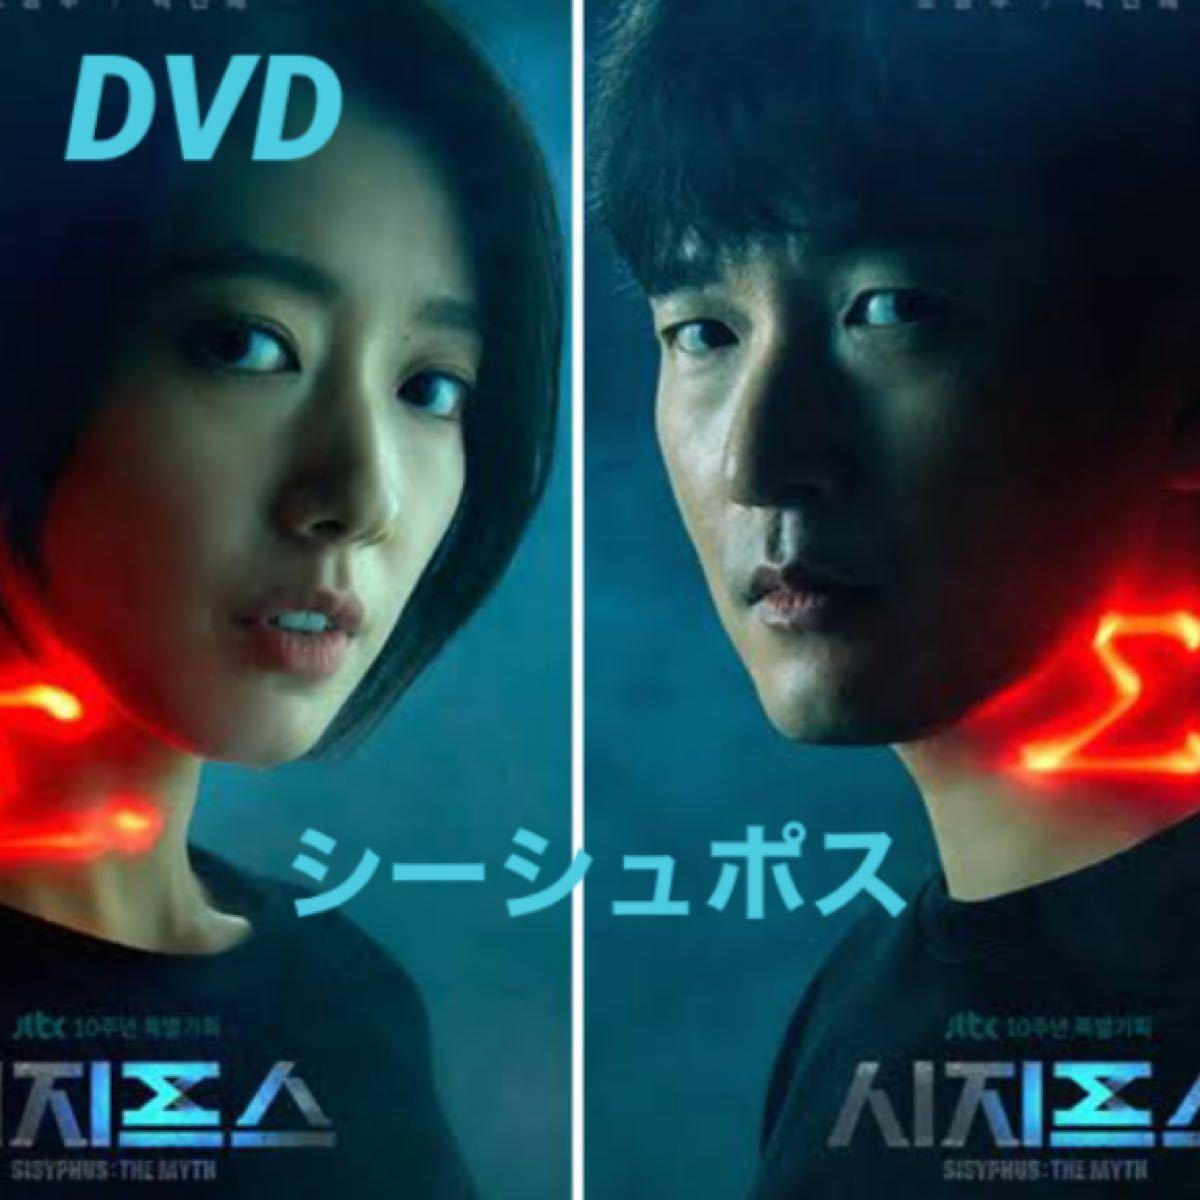 韓国ドラマ シーシュポス DVD全話【レーベル印刷あり】